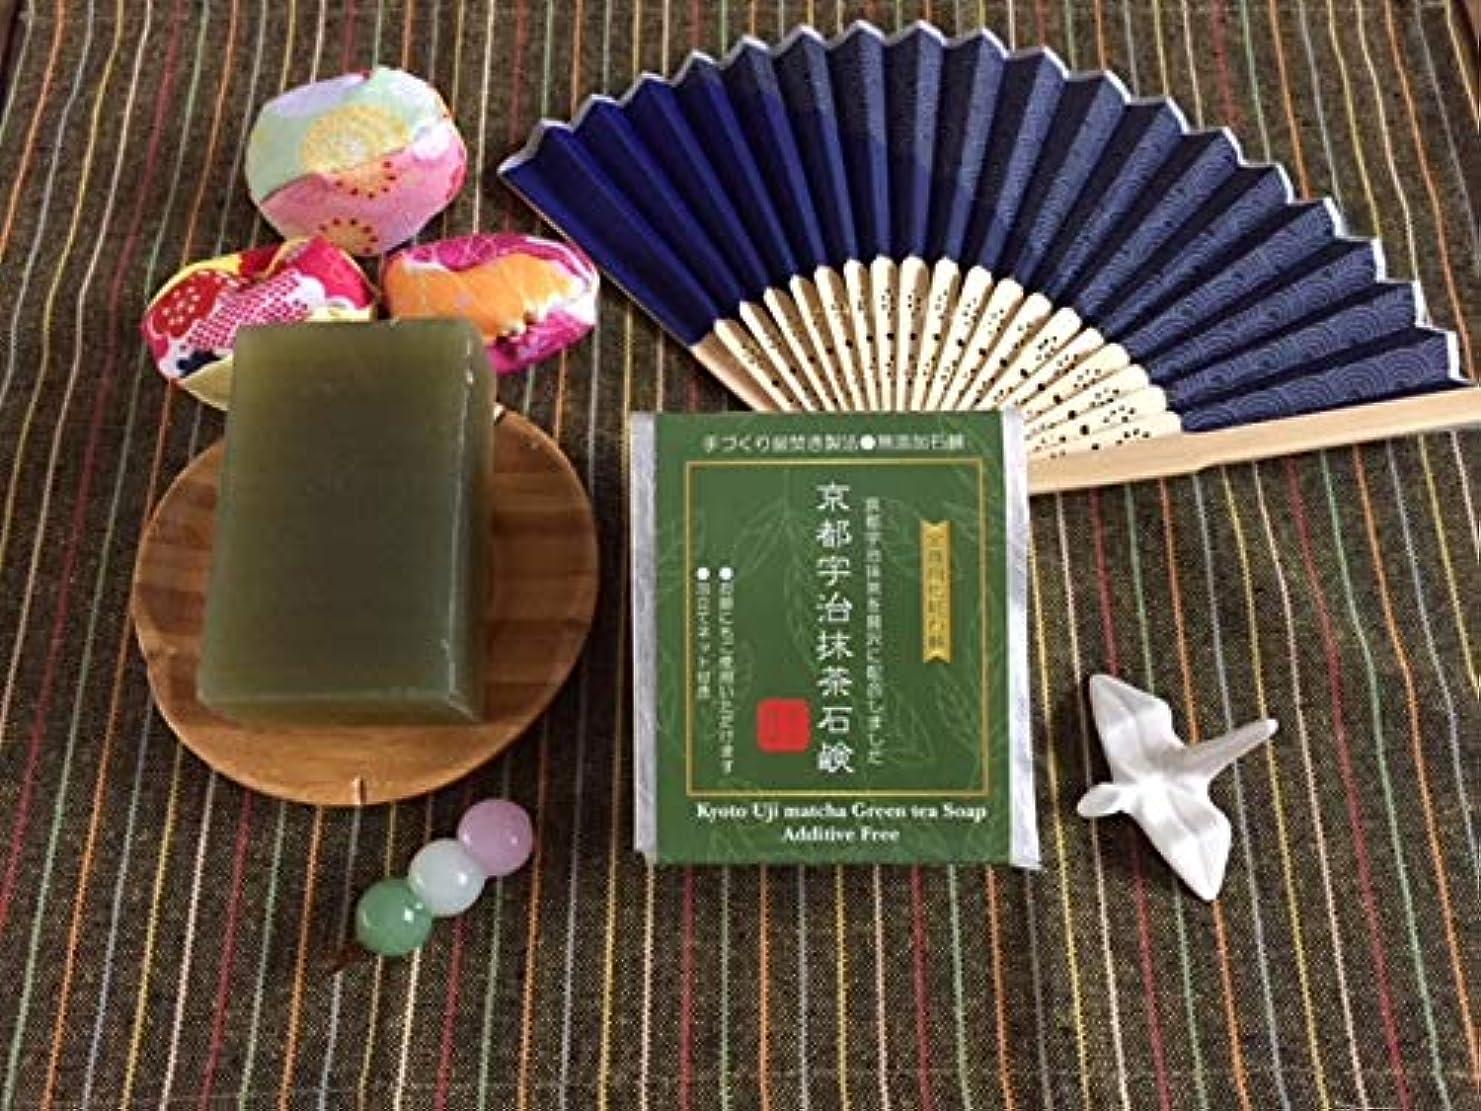 描写投げ捨てる悲惨な京都宇治抹茶石鹸 手作り釜焚き製法 無添加石鹸